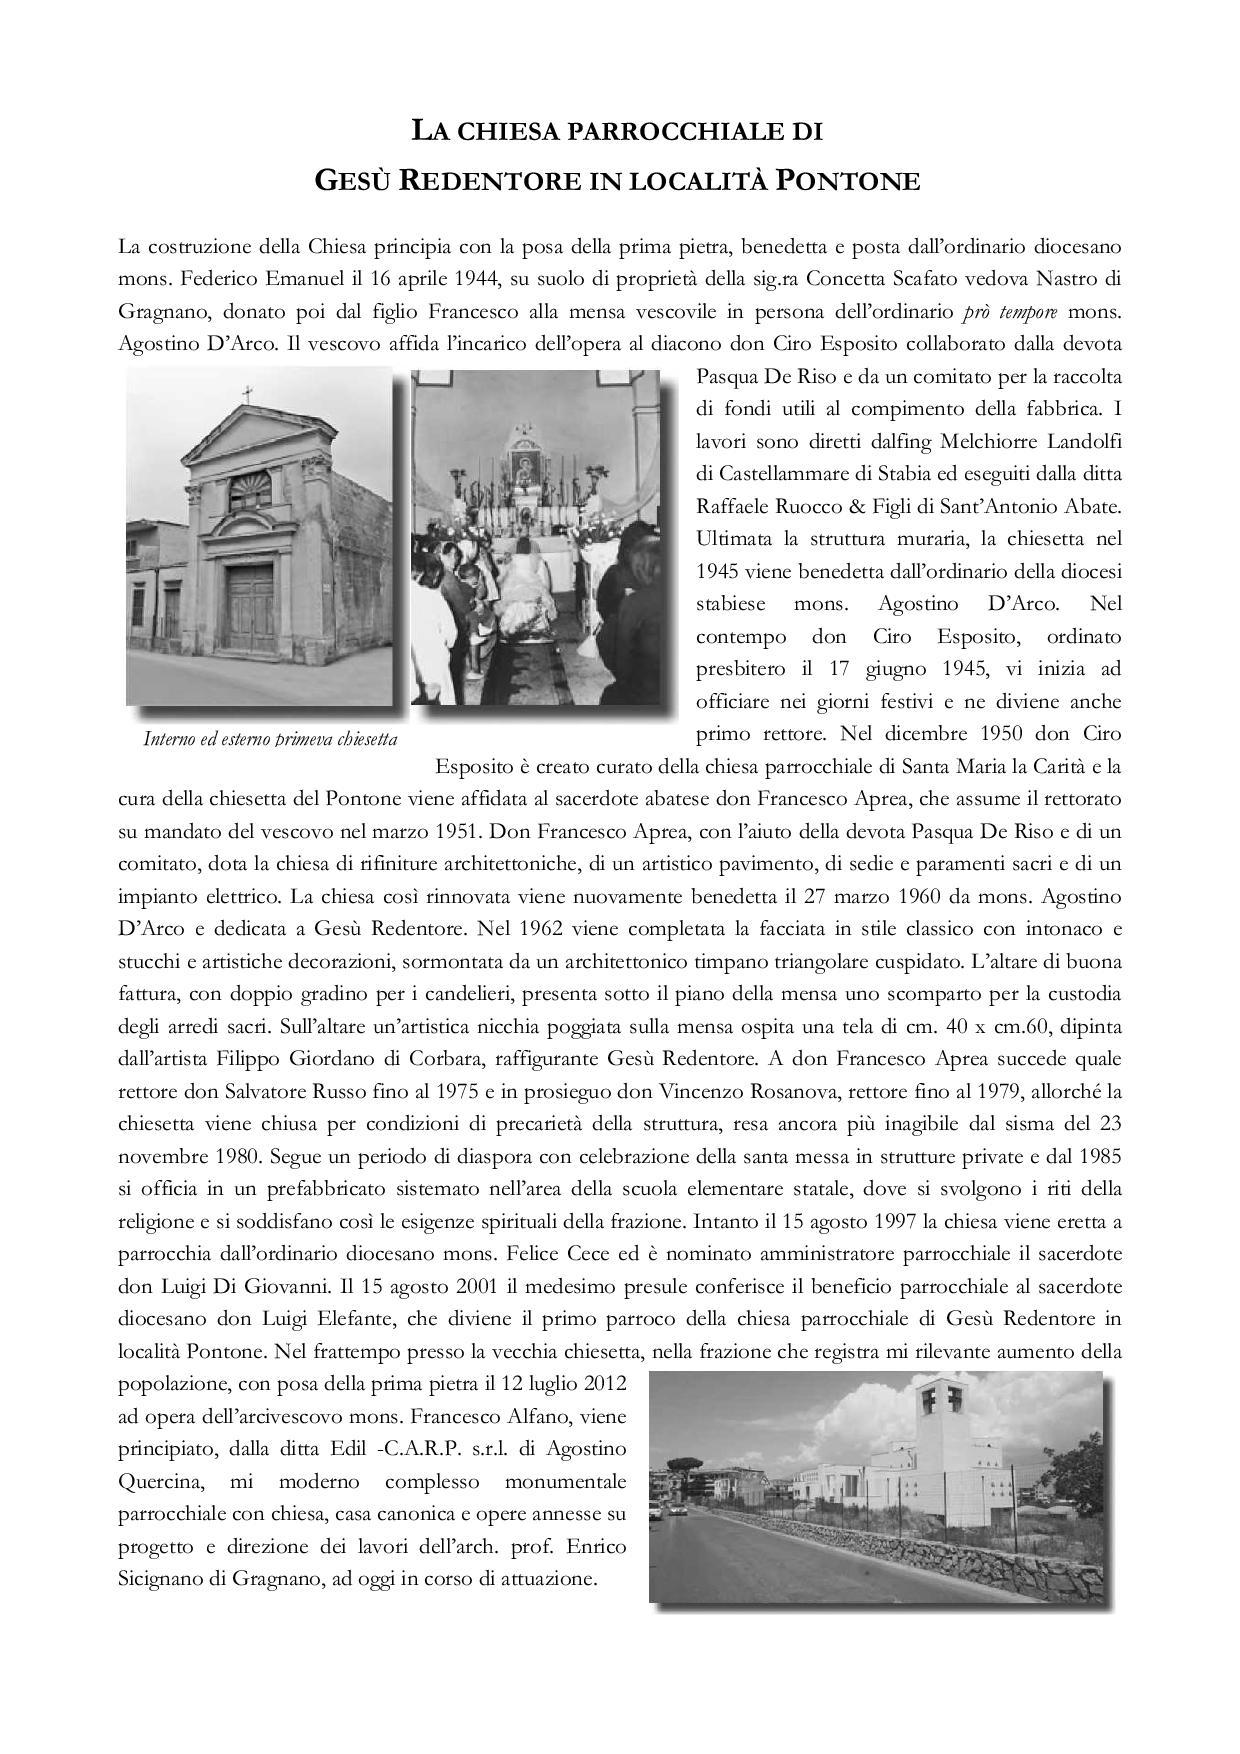 La Chiesa Parrocchiale di Gesù Redentore in località Pontone